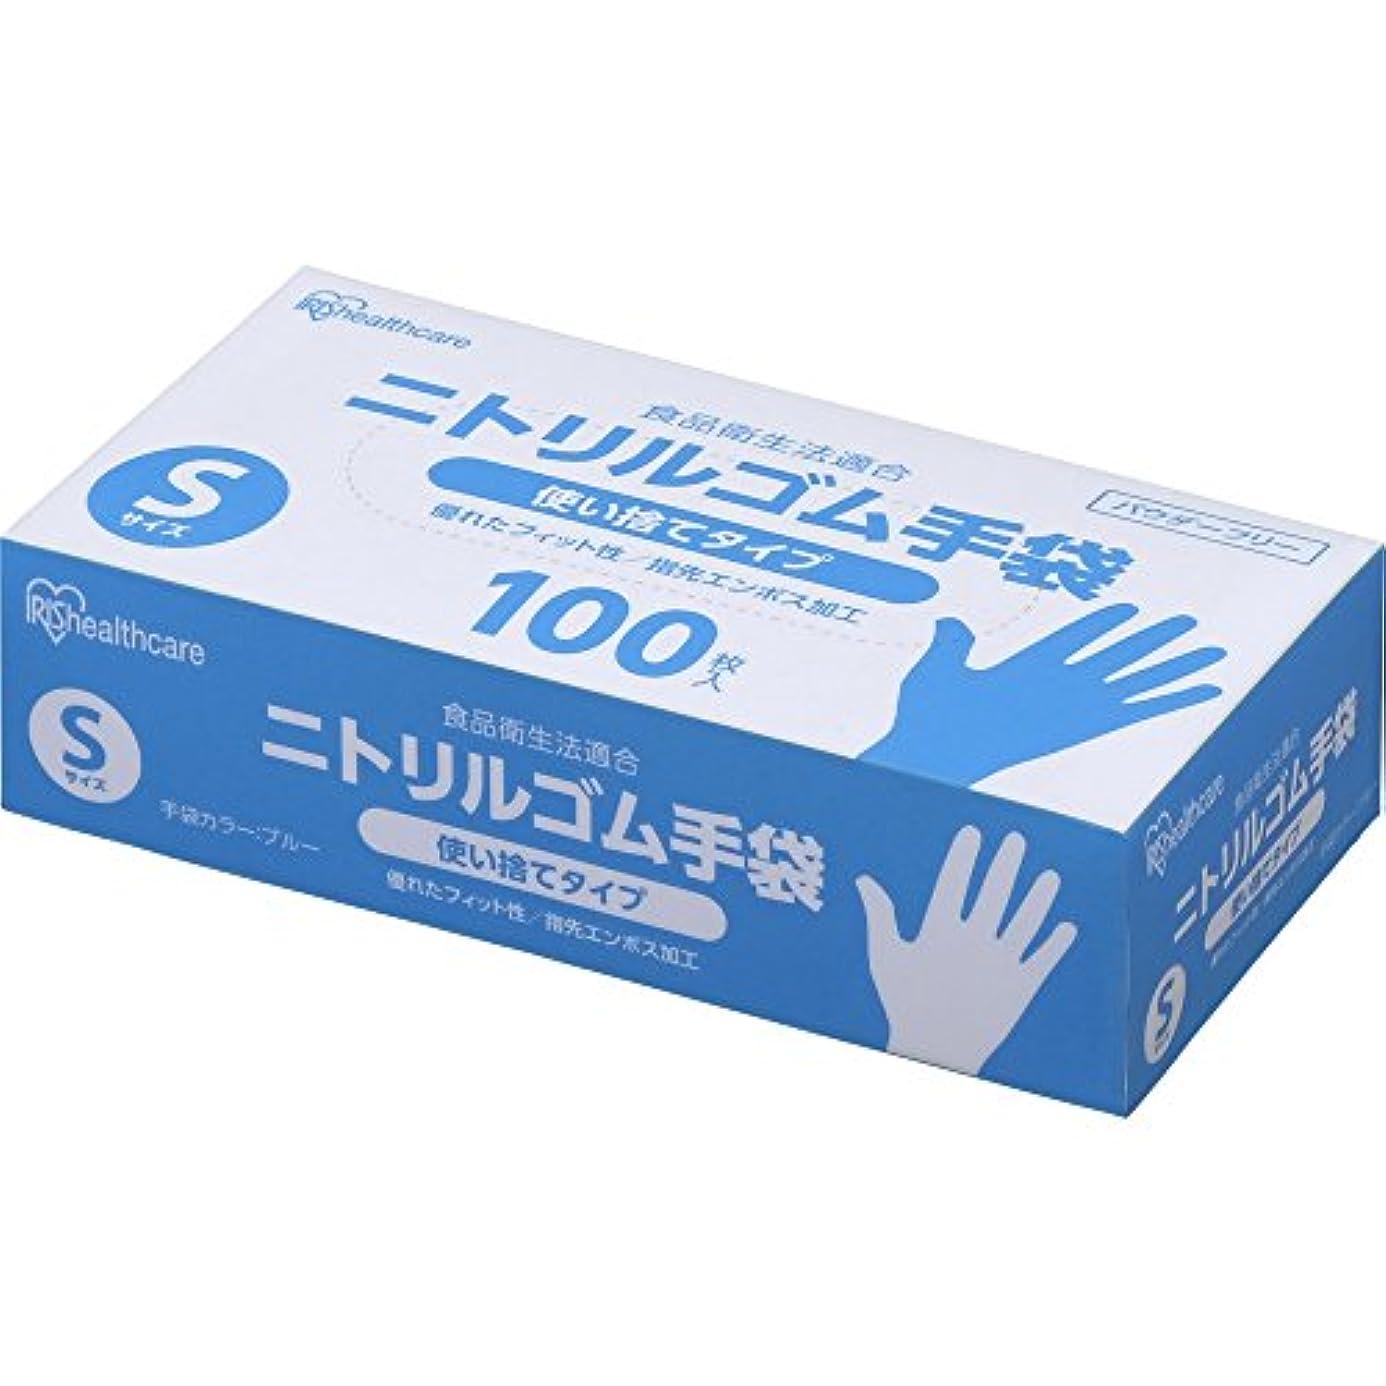 シマウマ悪意パイントアイリスオーヤマ 使い捨て手袋 ブルー ニトリルゴム 100枚 Sサイズ 業務用